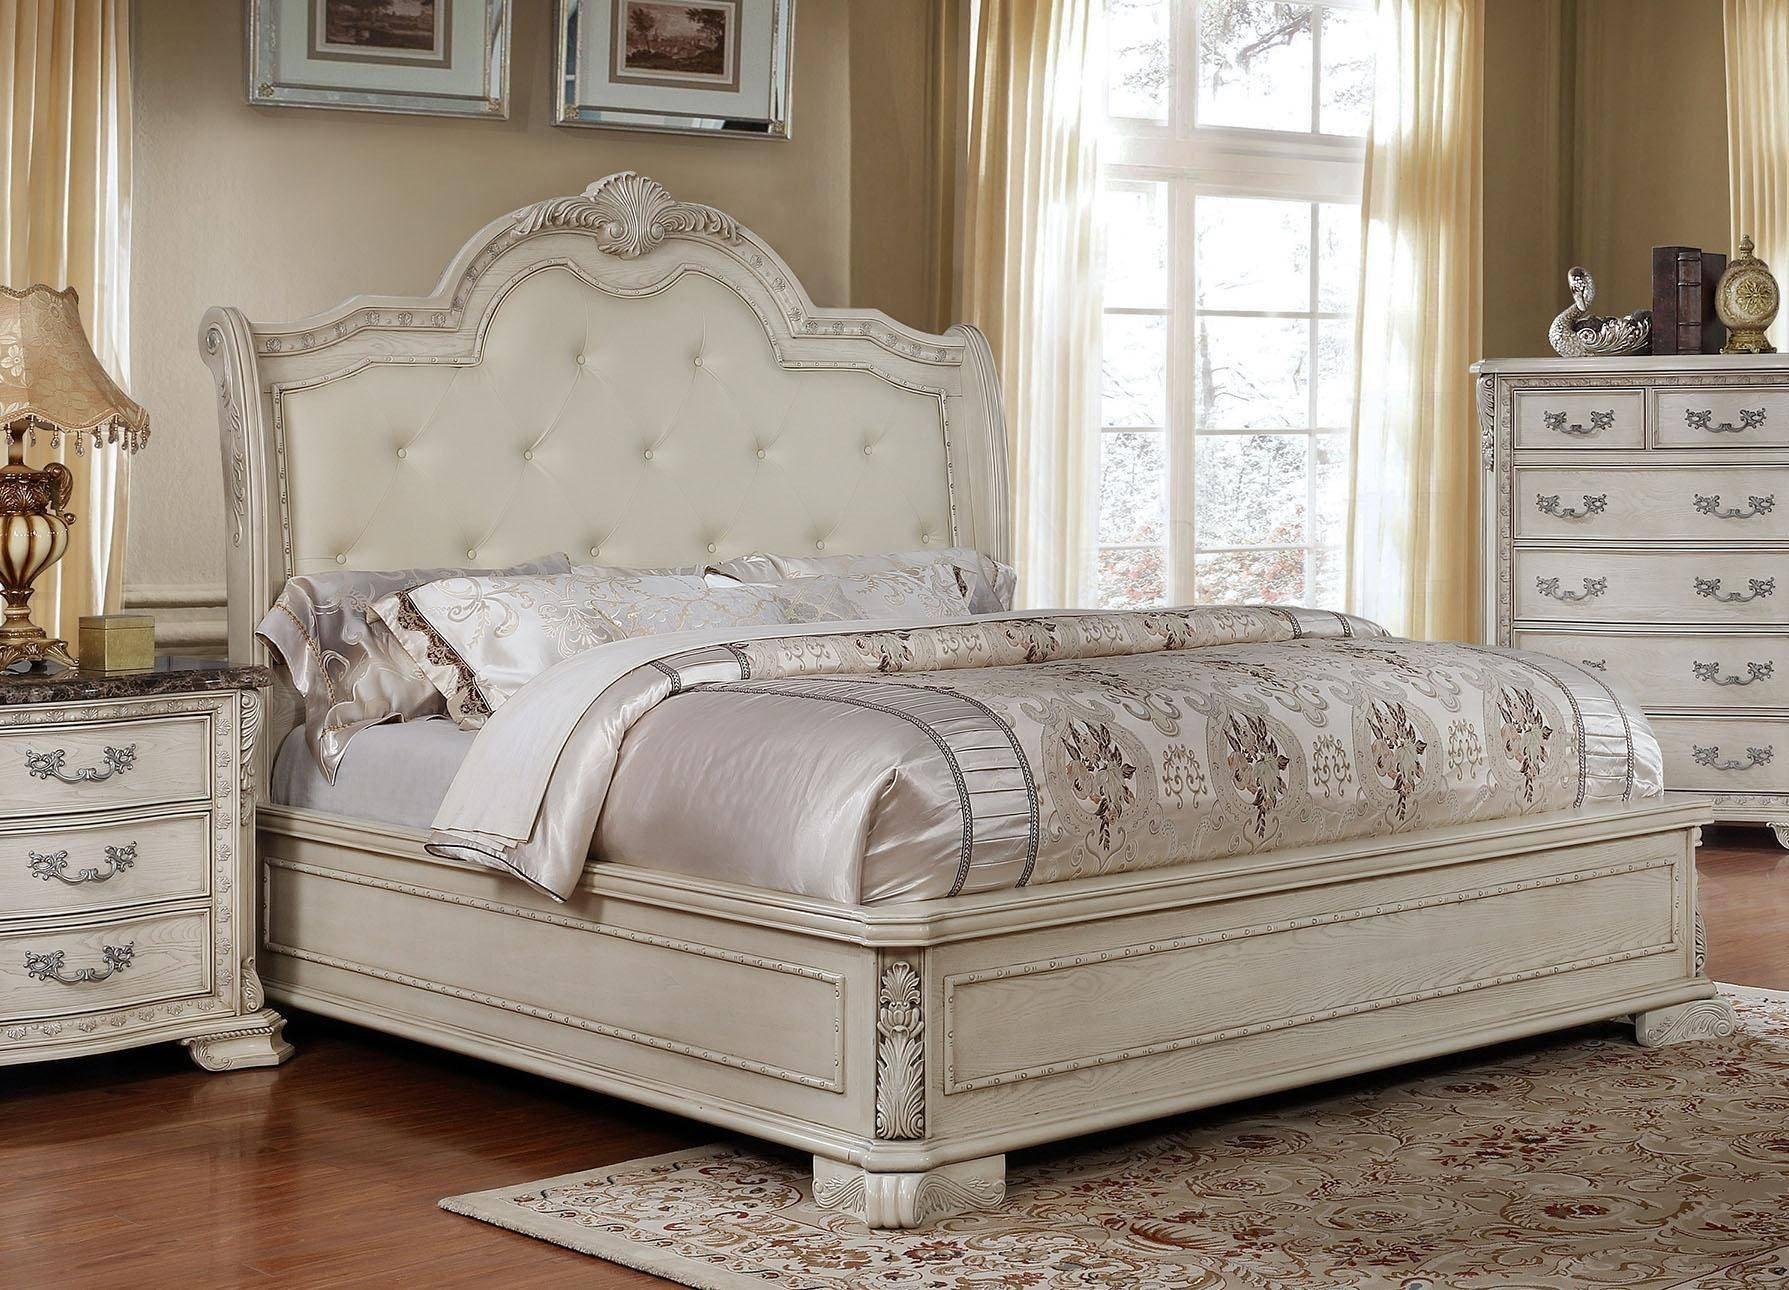 White King Size Bedroom Set Luxury Mcferran B1000 Antique White Tufted King Size Bedroom Set